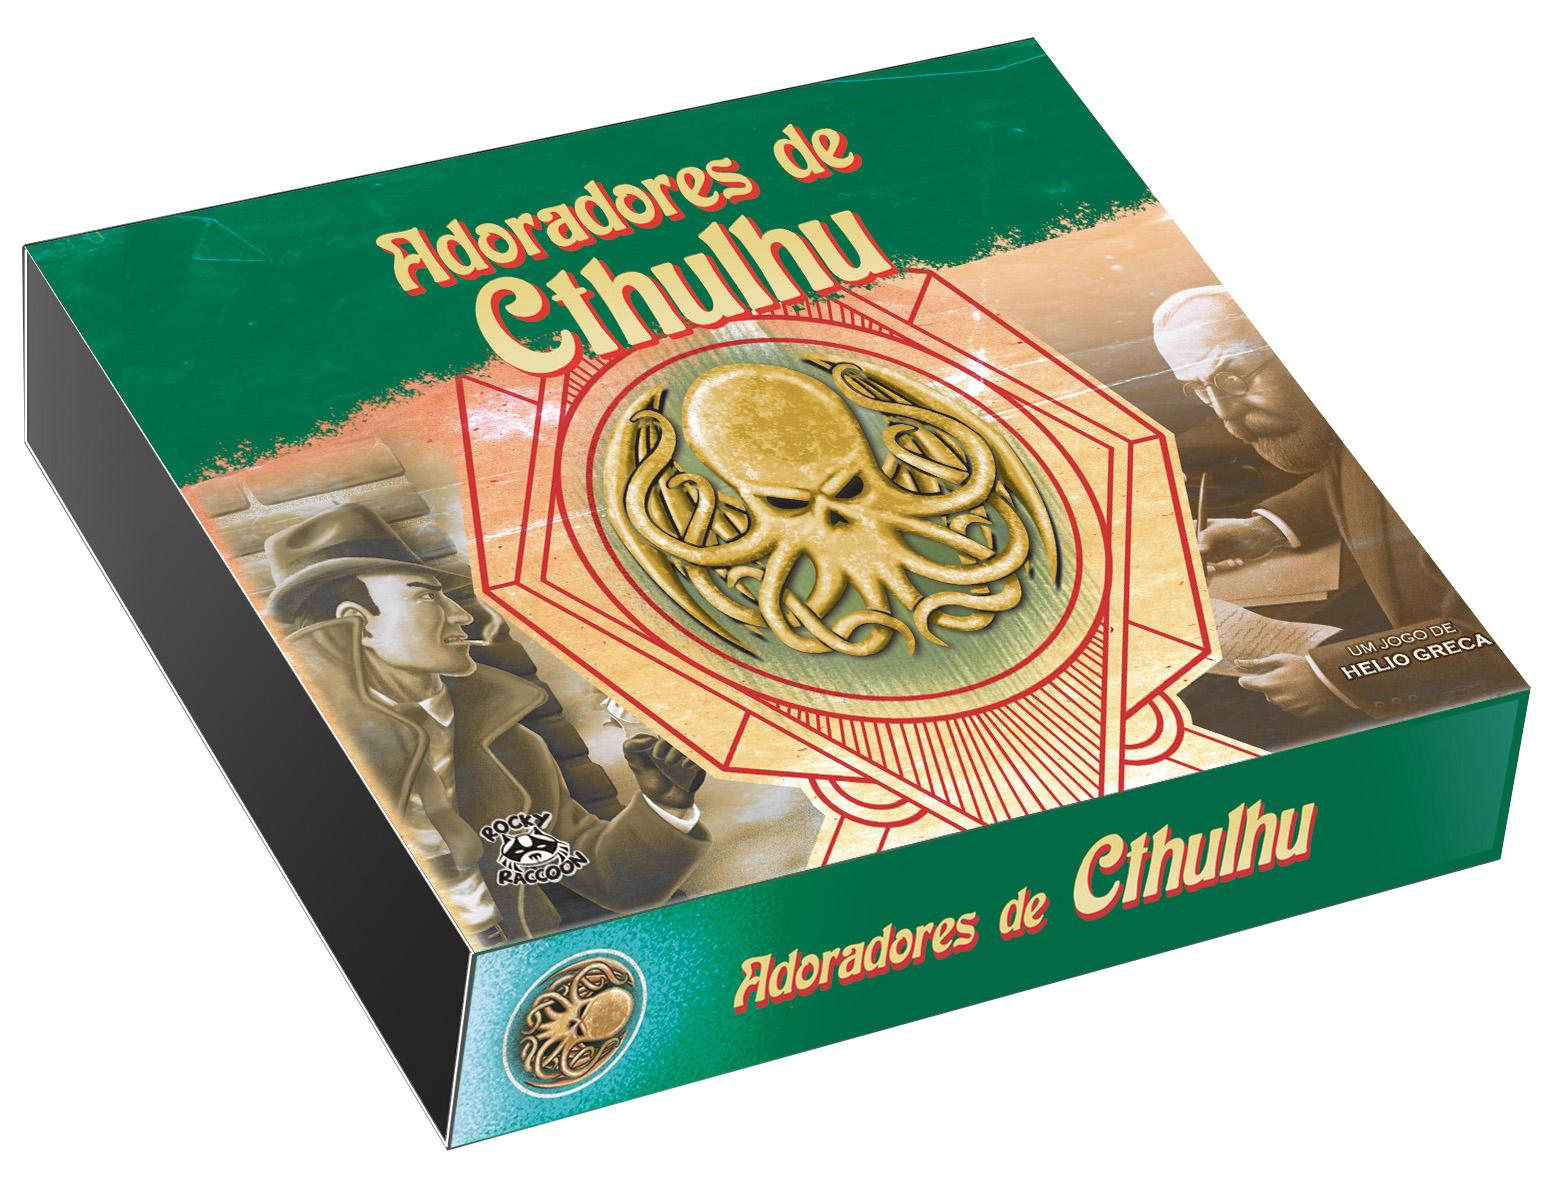 Adoradores de Cthulhu